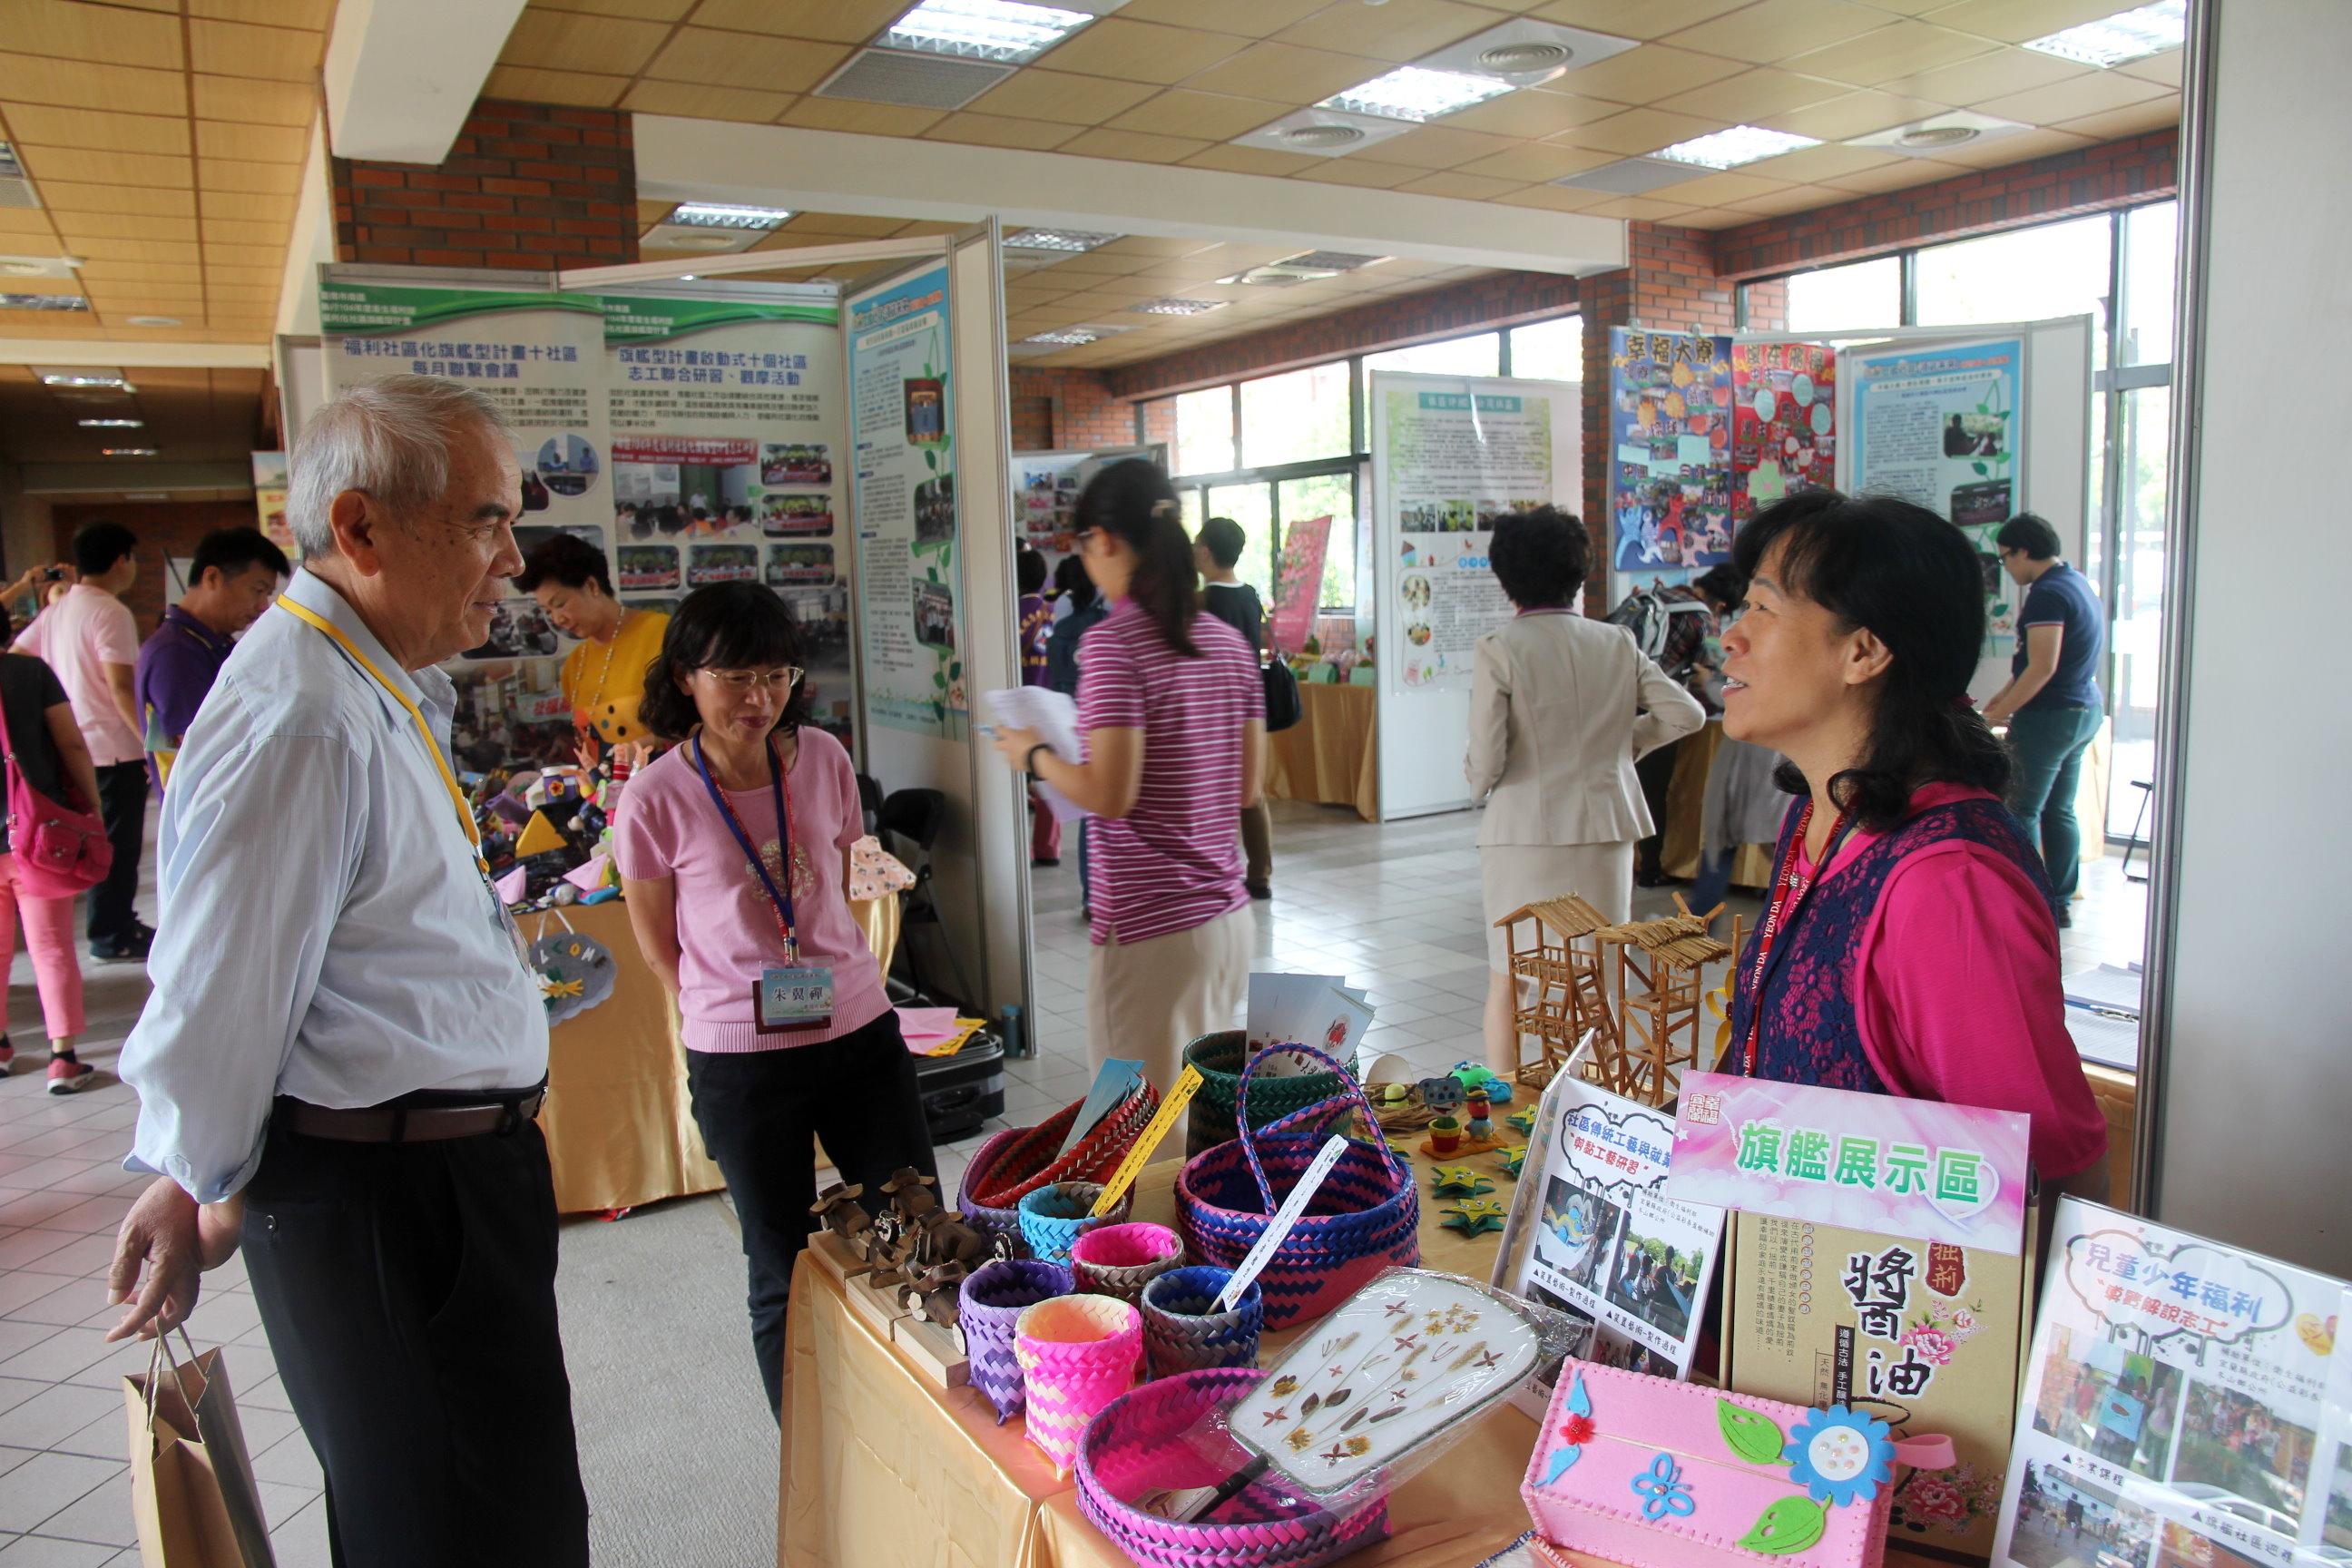 宜蘭縣冬山鄉大興社區發展協會向與會代表介紹社區手工藝品及發展歷程。